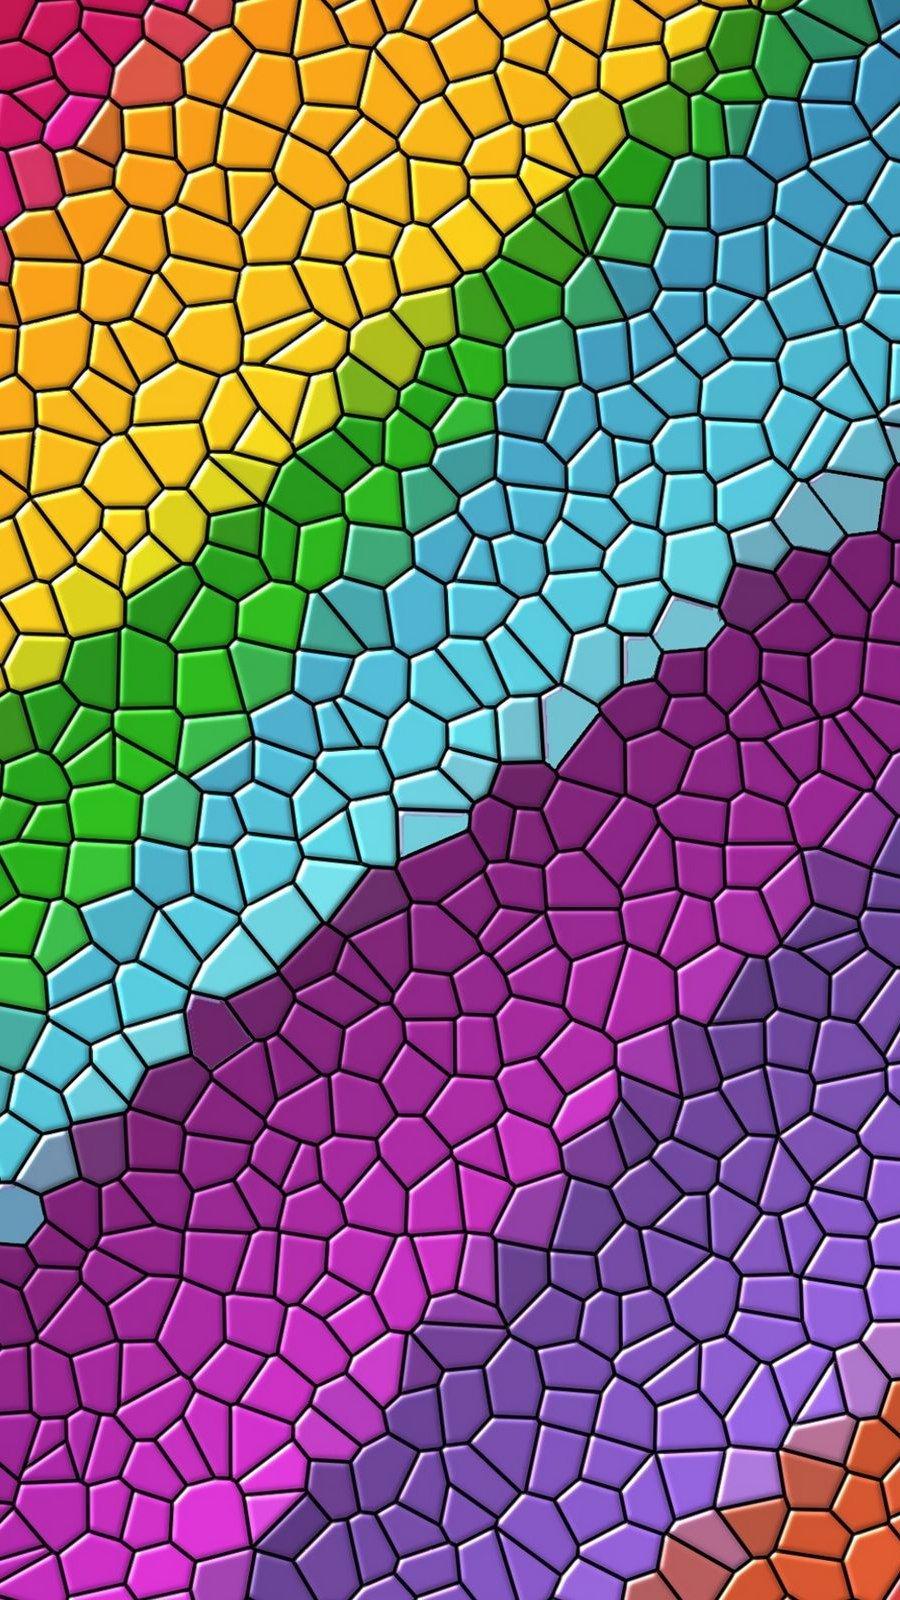 Fondos de pantalla Mosaico digital de colores Vertical